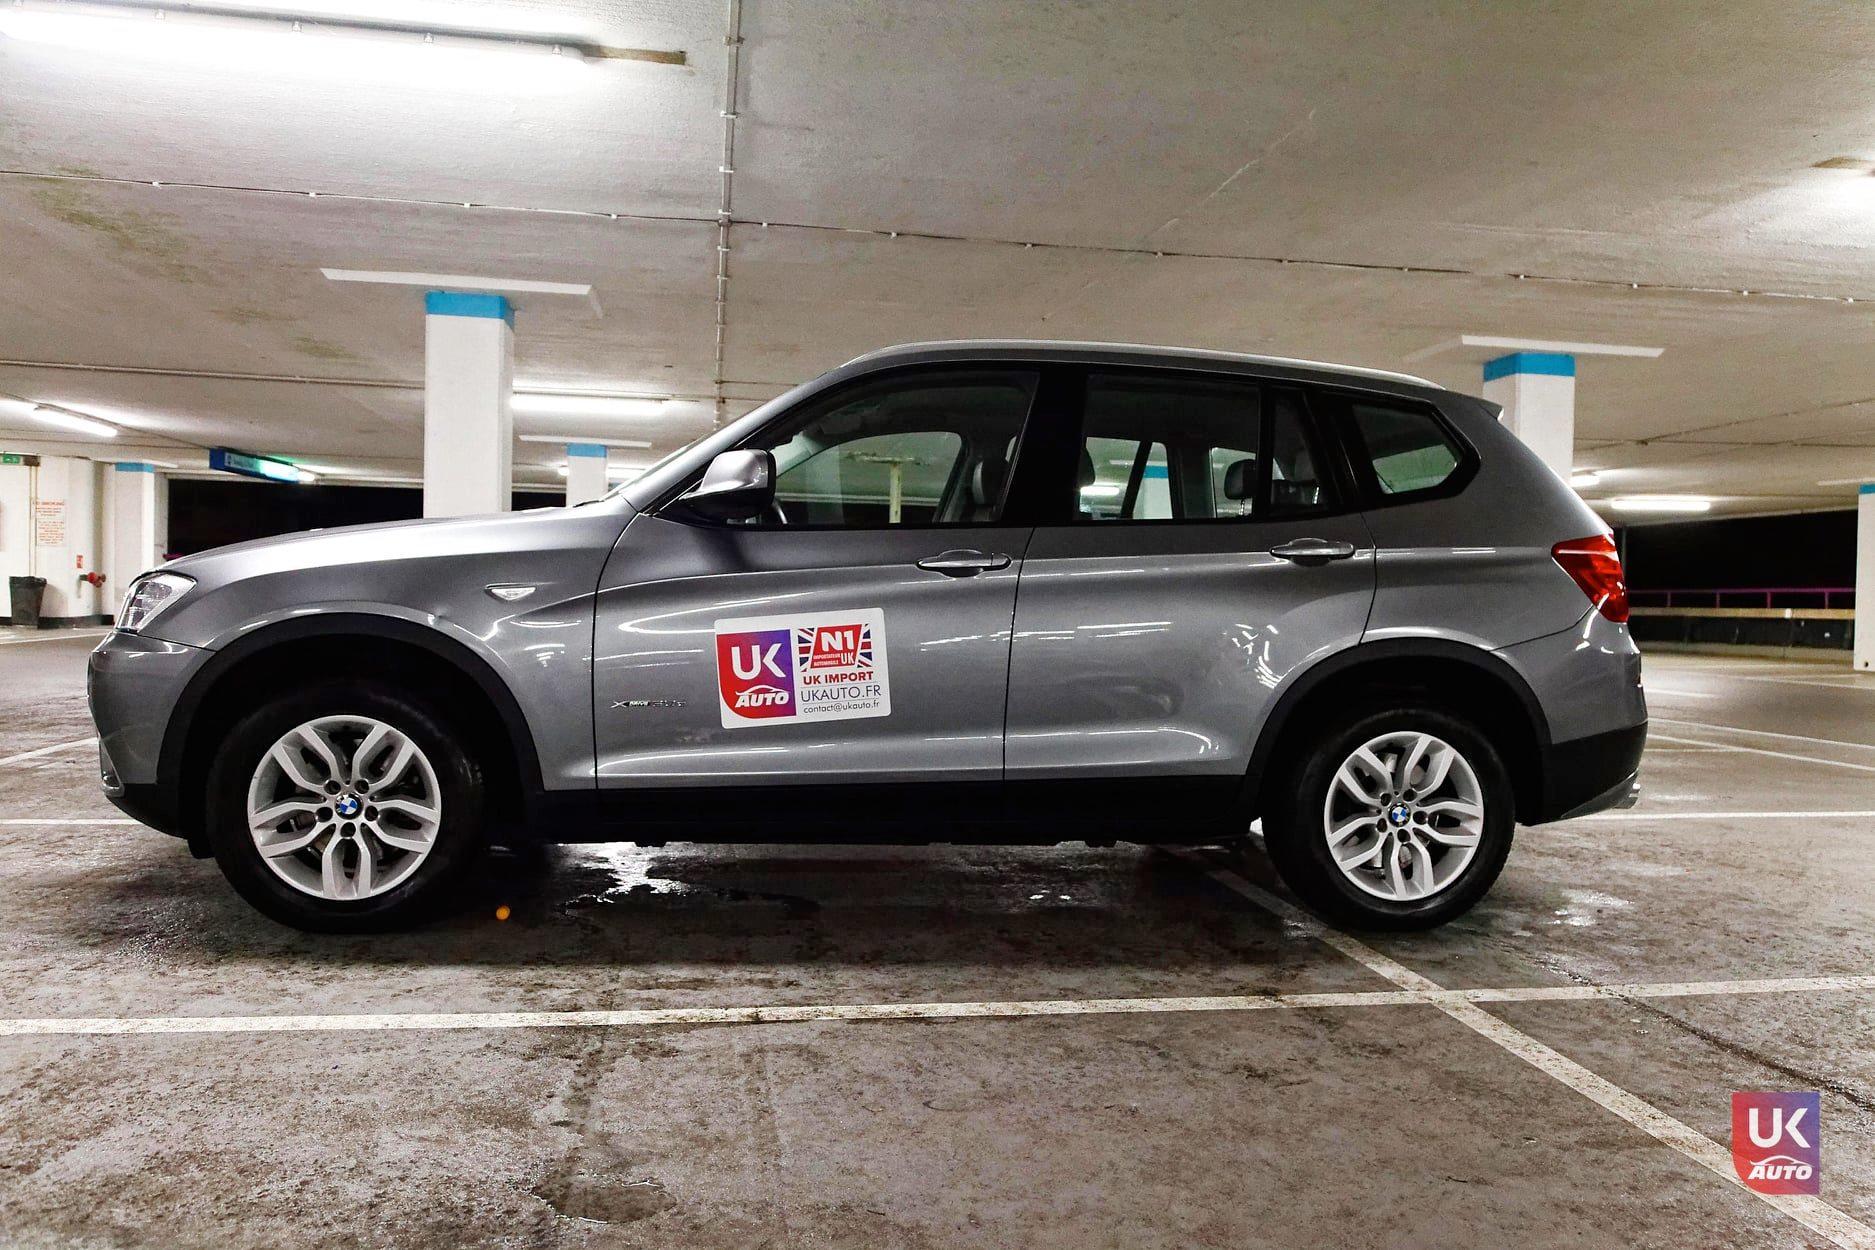 Voiture occasion royaume uni BMW X3 IMPORT UK2 - Voiture occasion royaume uni BMW X3 IMPORT UK